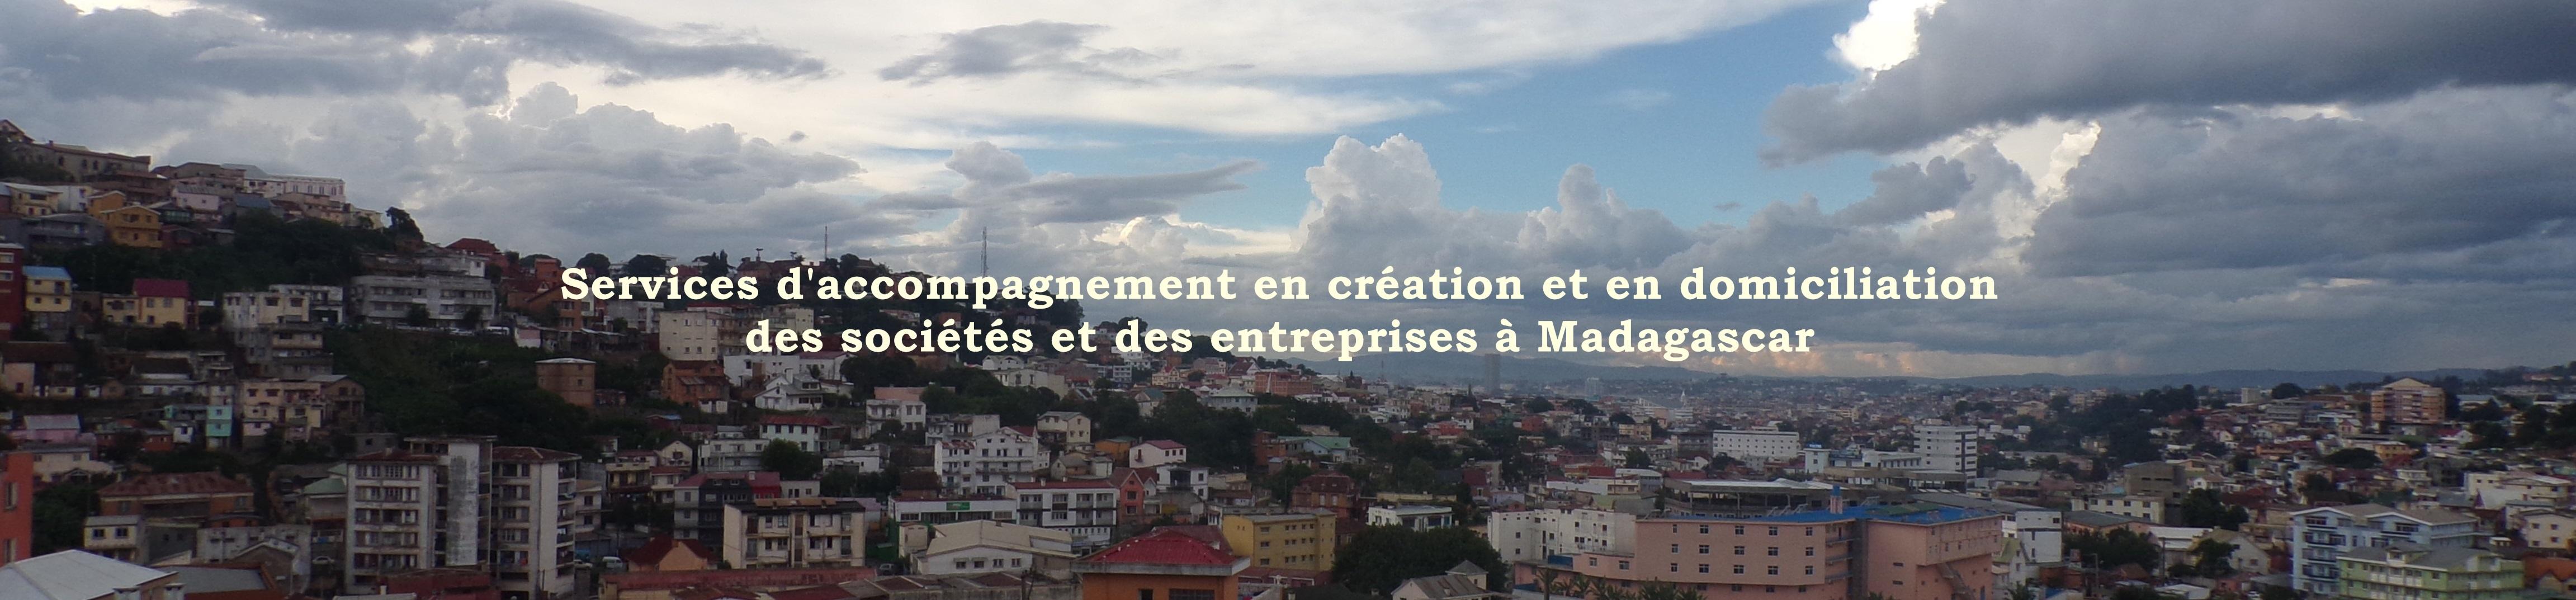 Services de création et domiciliation de sociétés et des entreprises